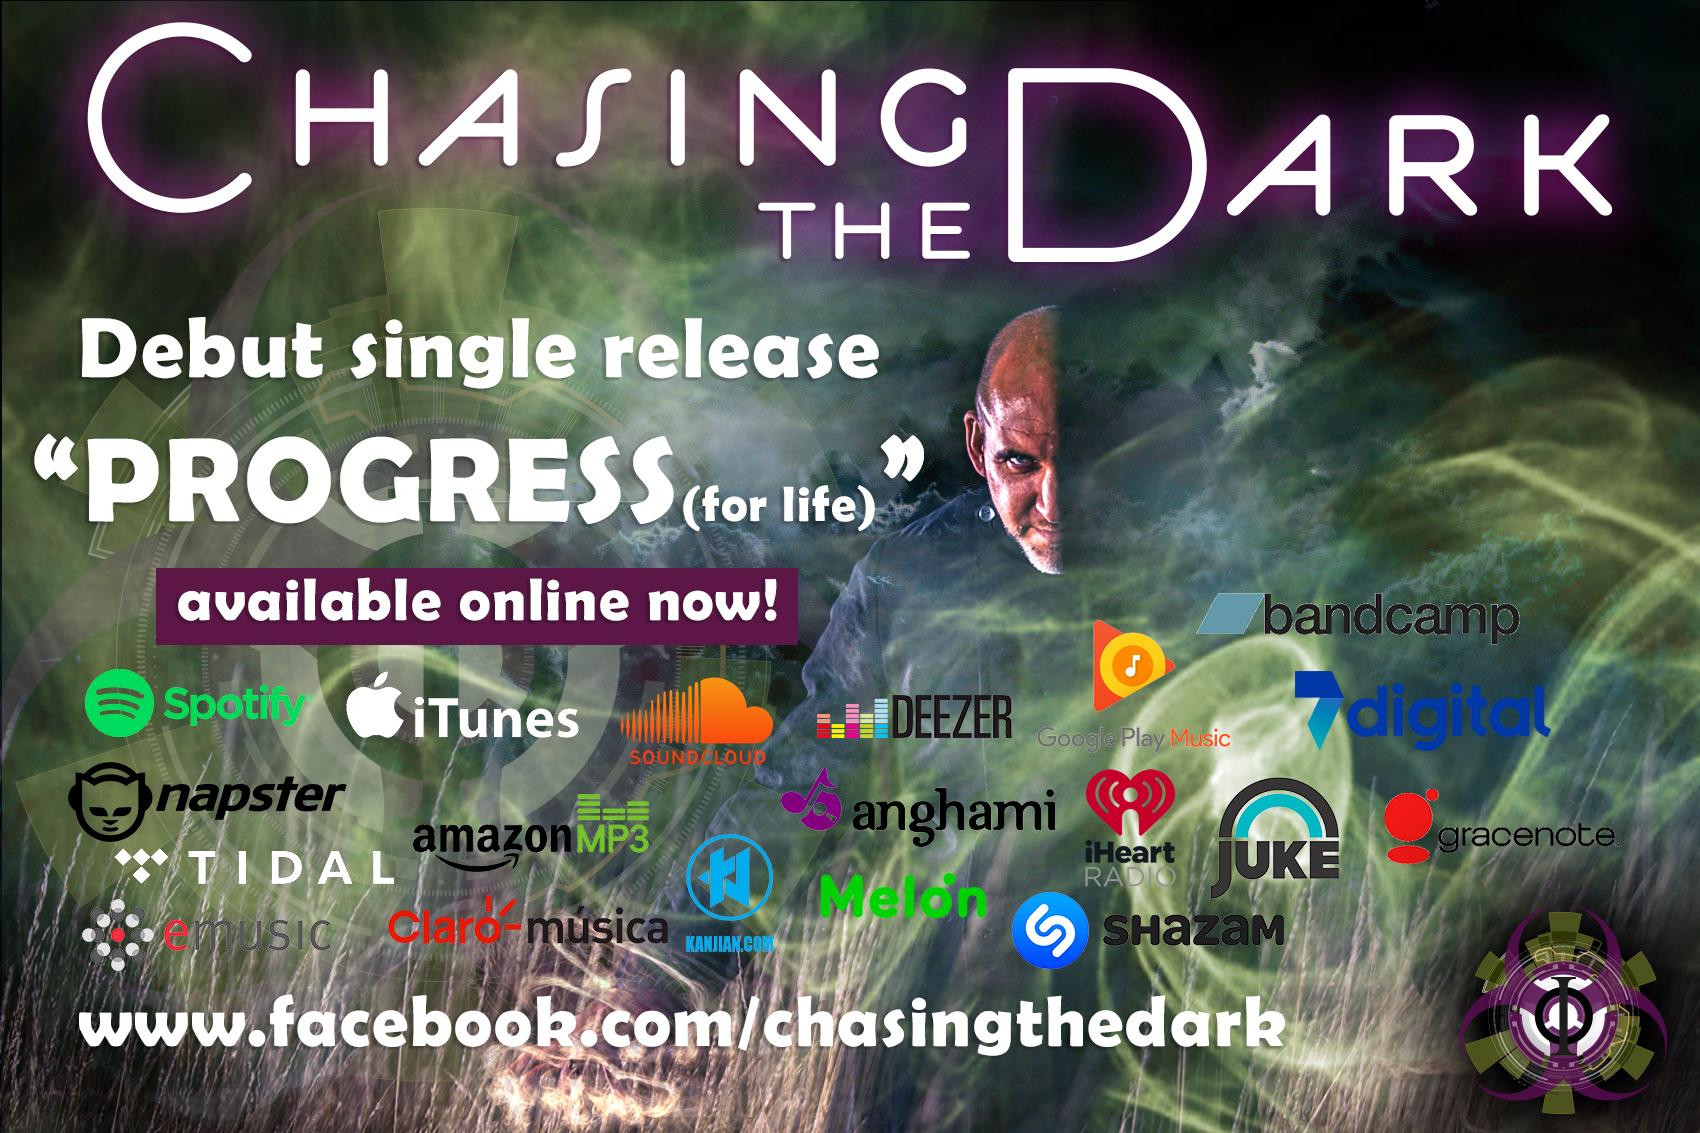 Debut single released!!! - ChasingtheDark